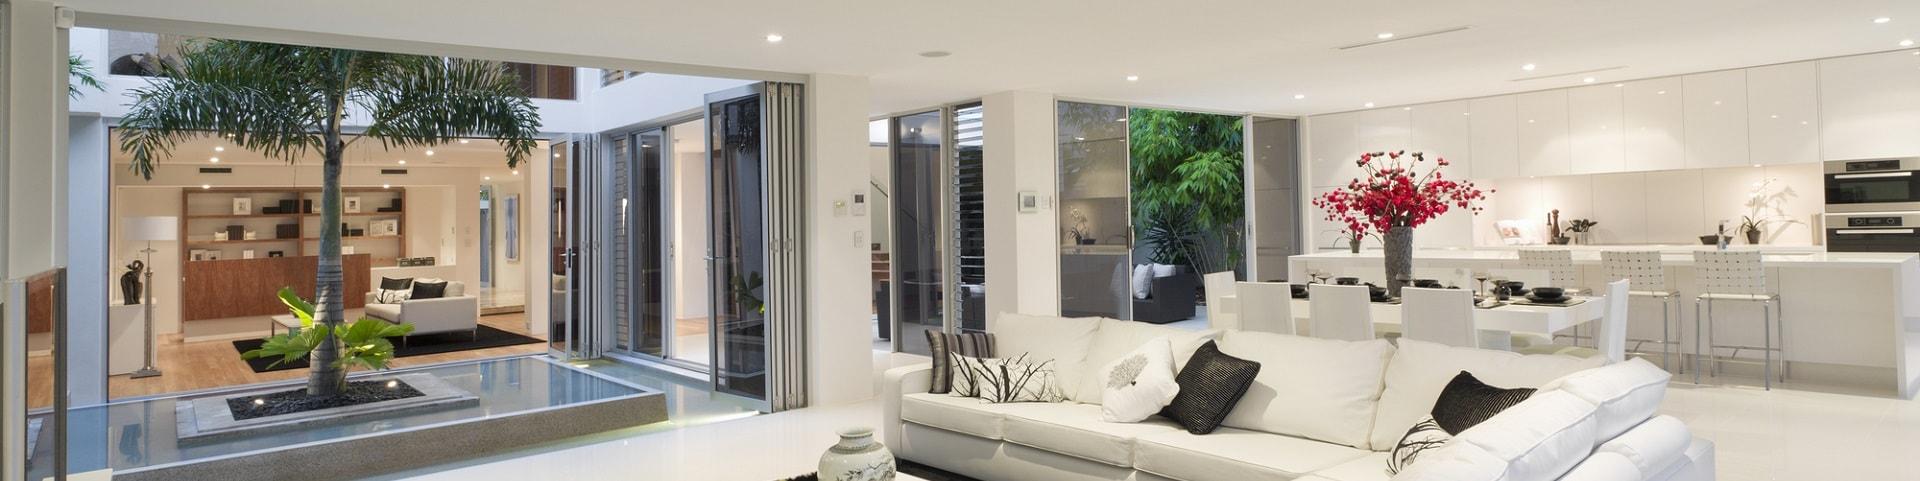 תיווך נינוה - דירות למכירה ברעננה